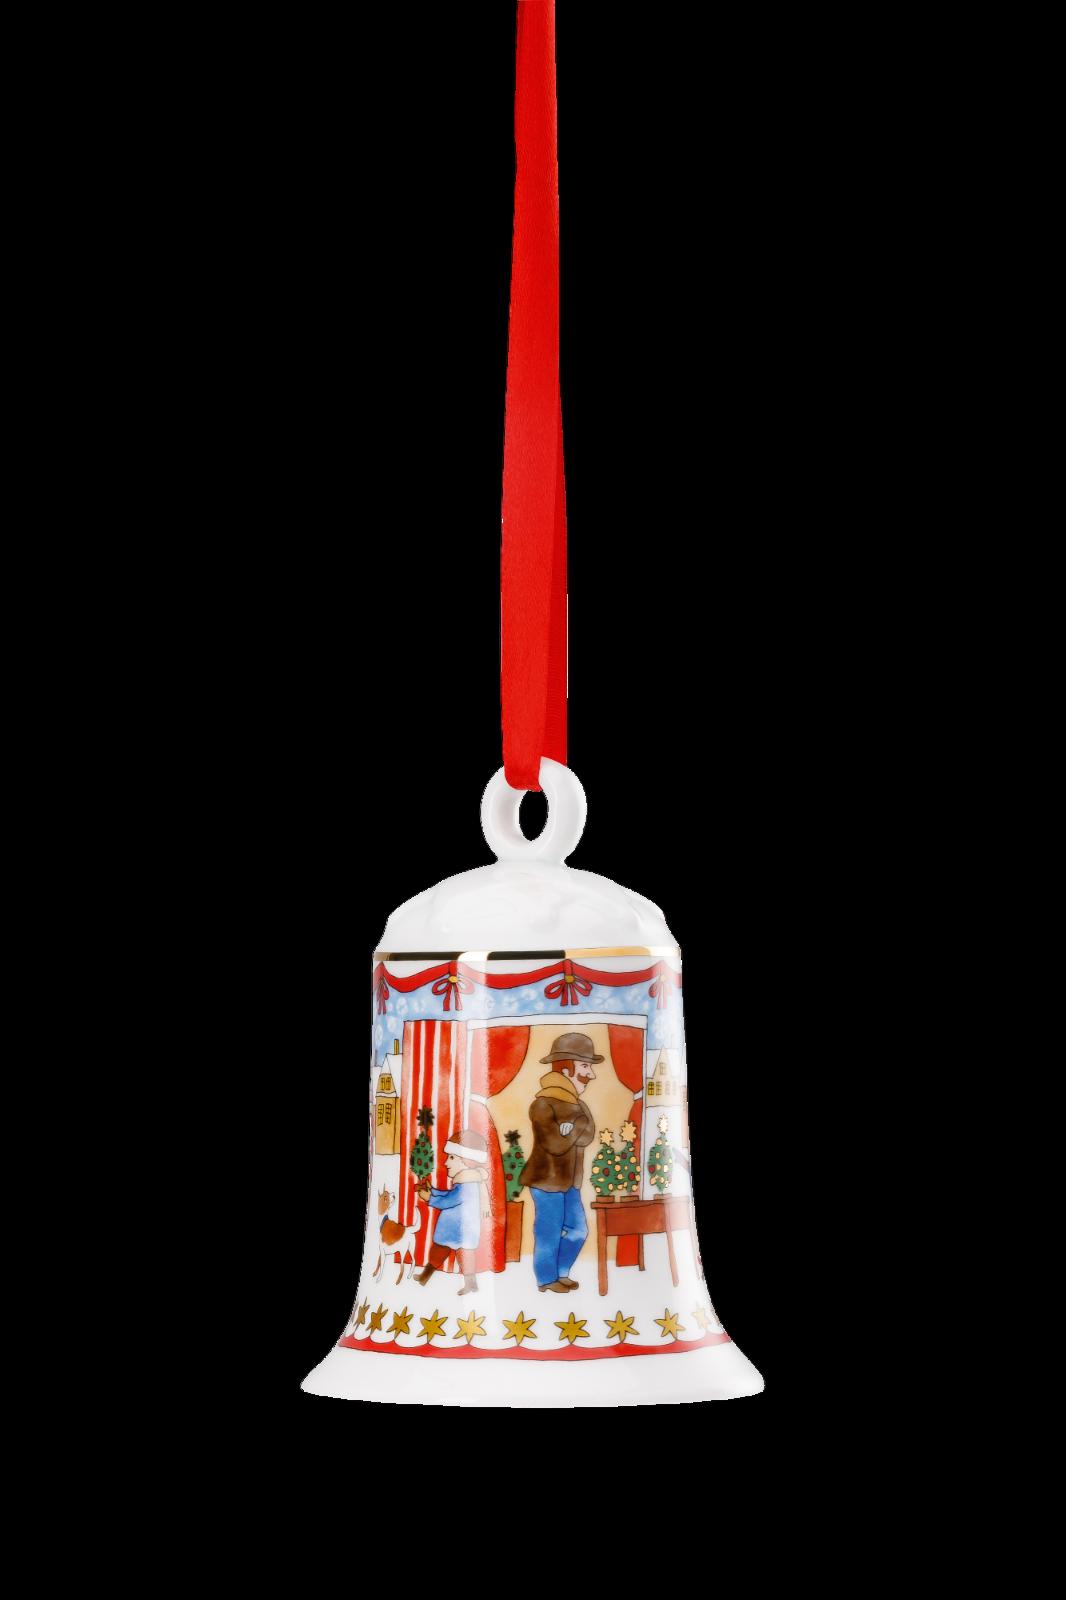 Hutschenreuther Porzellanglocke - Weihnachtsglocke 2019 - Motiv Weihnachtsmarkt